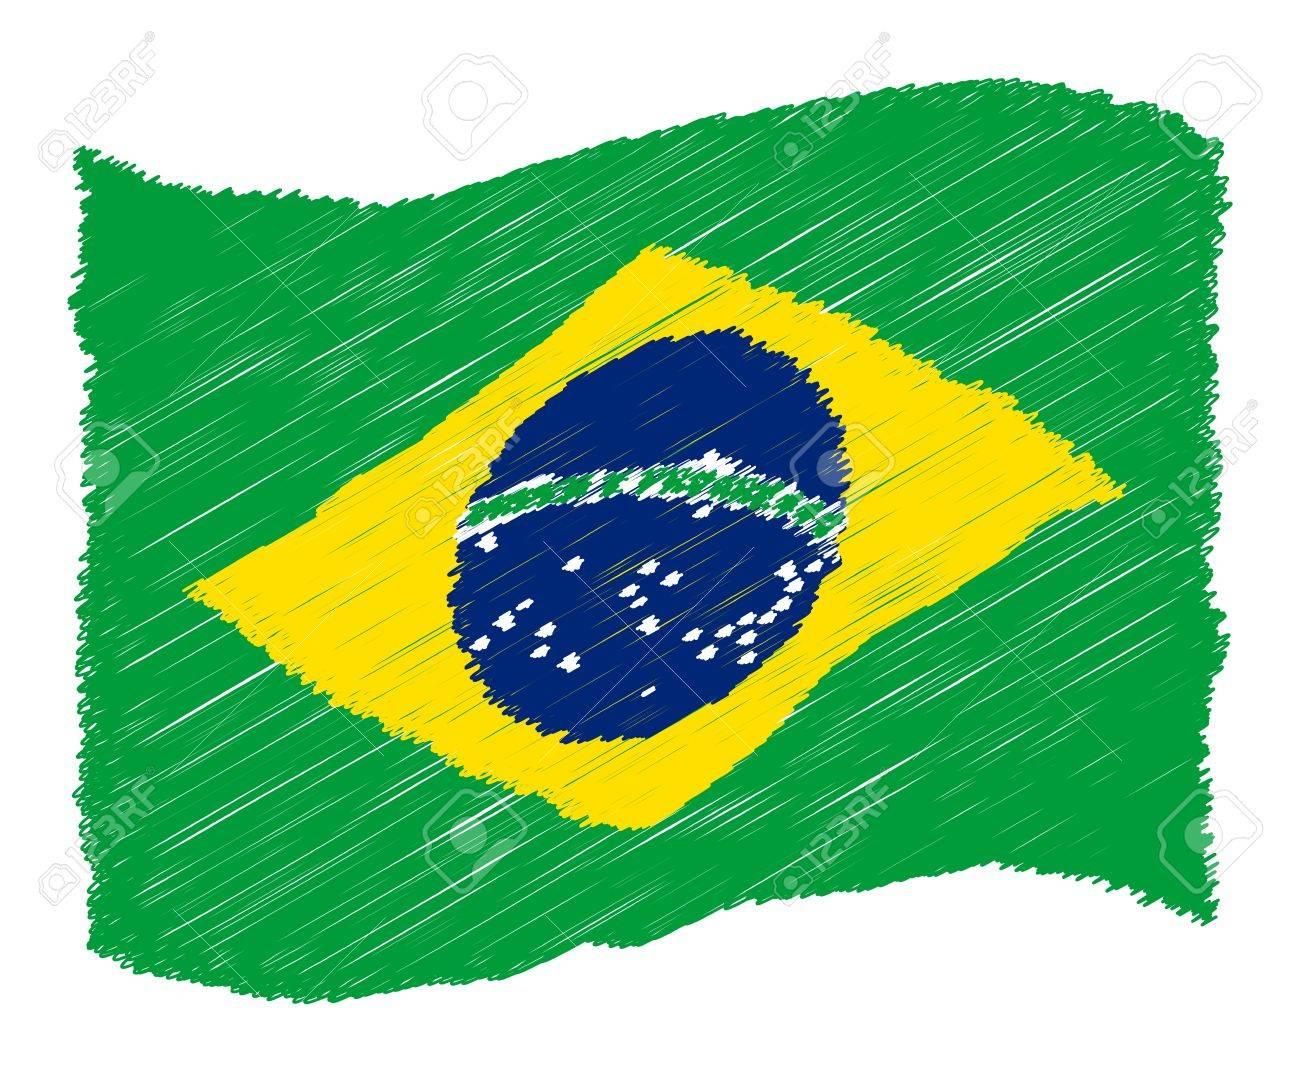 sketch - Brazil - The beloved country as a symbolic representation as heart - Das geliebte Land als symbolische Darstellung als Herz Stock Photo - 13631438